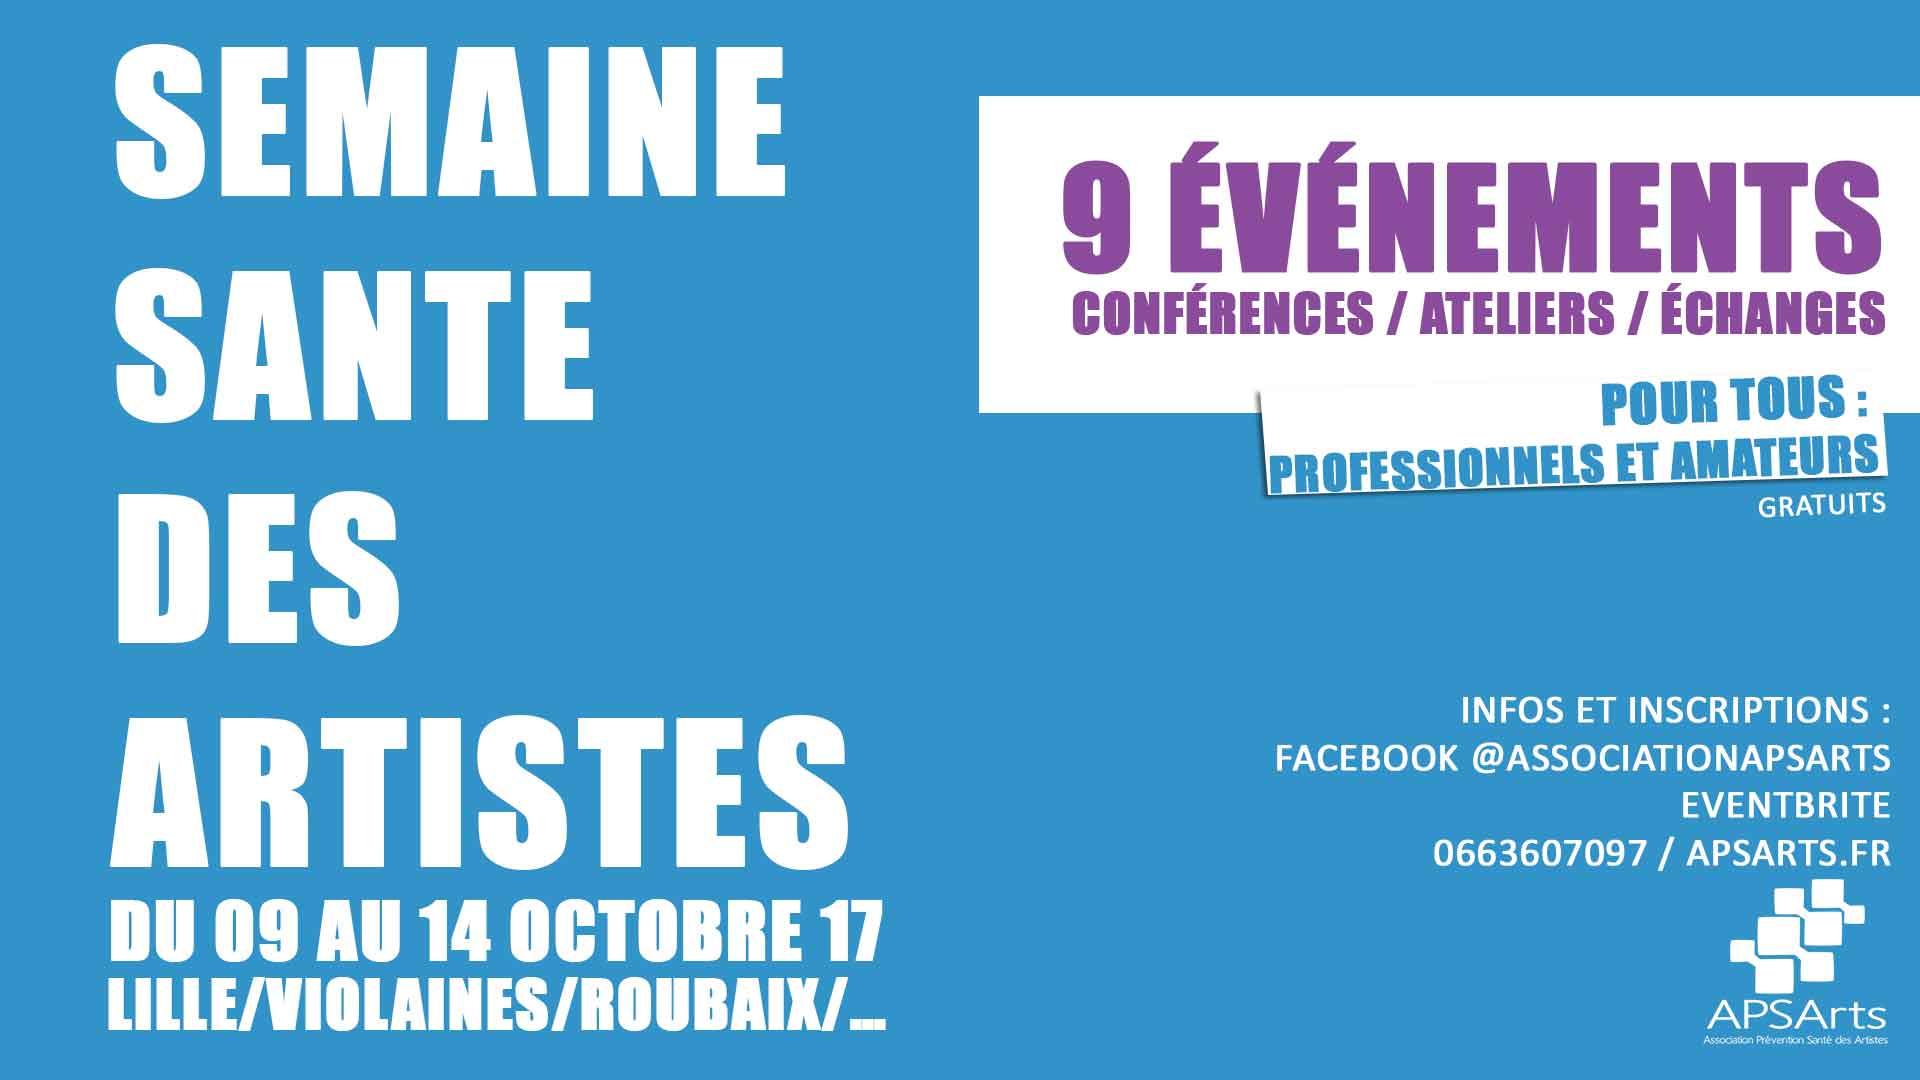 Semaine de la Santé des Artistes Conférences, ateliers, rencontres 9 événements du 9 au 14 octobre 2017 à Lille, Roubaix, Violaines